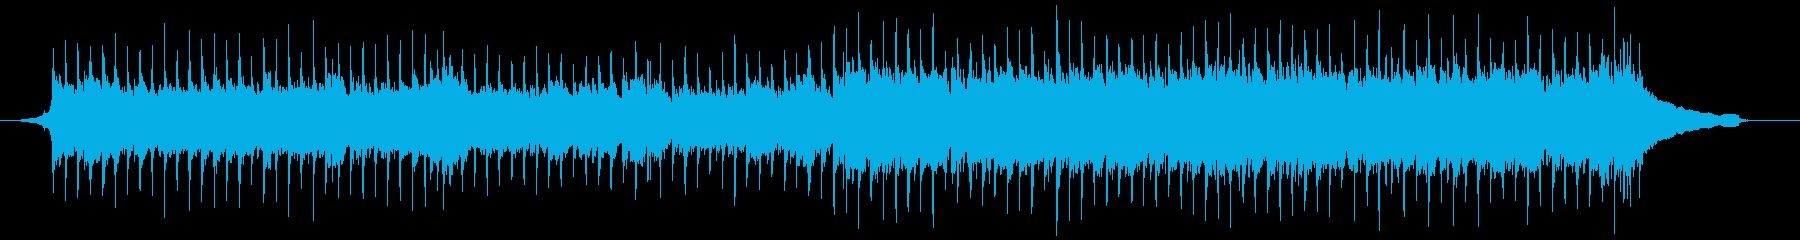 VP系17、アコギ、爽やかなロックBの再生済みの波形